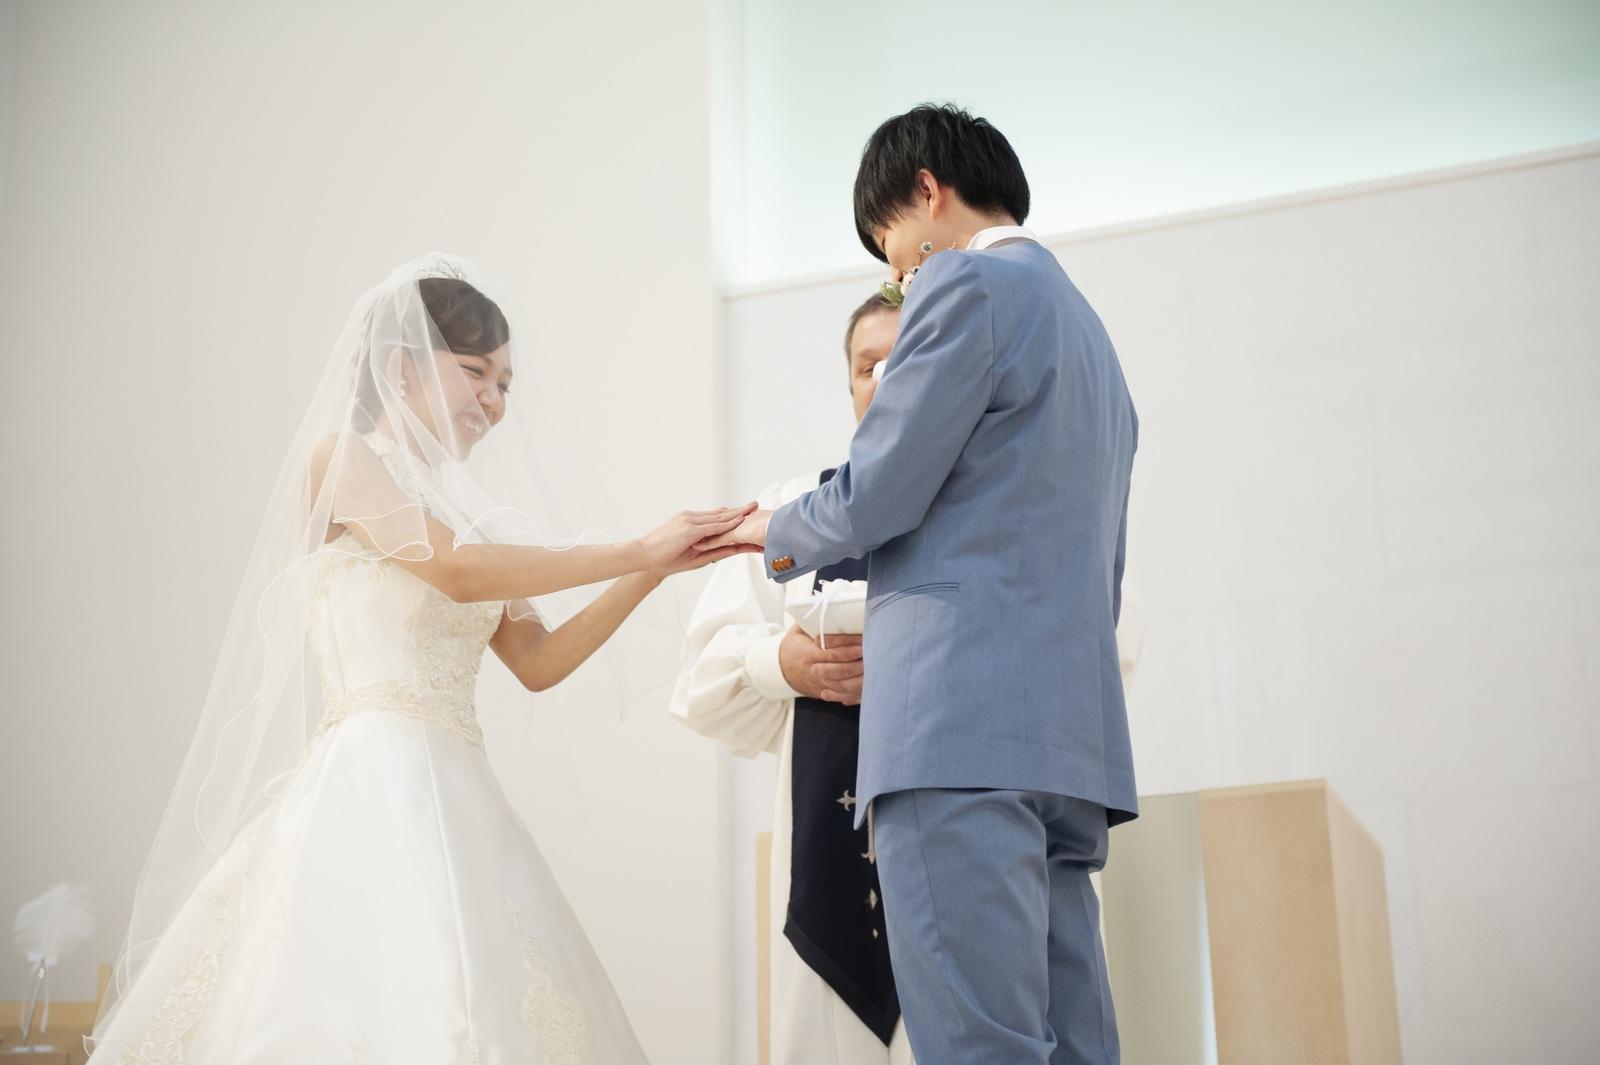 徳島市の結婚式場ブランアンジュのセレモニーでの大切な指輪の交換